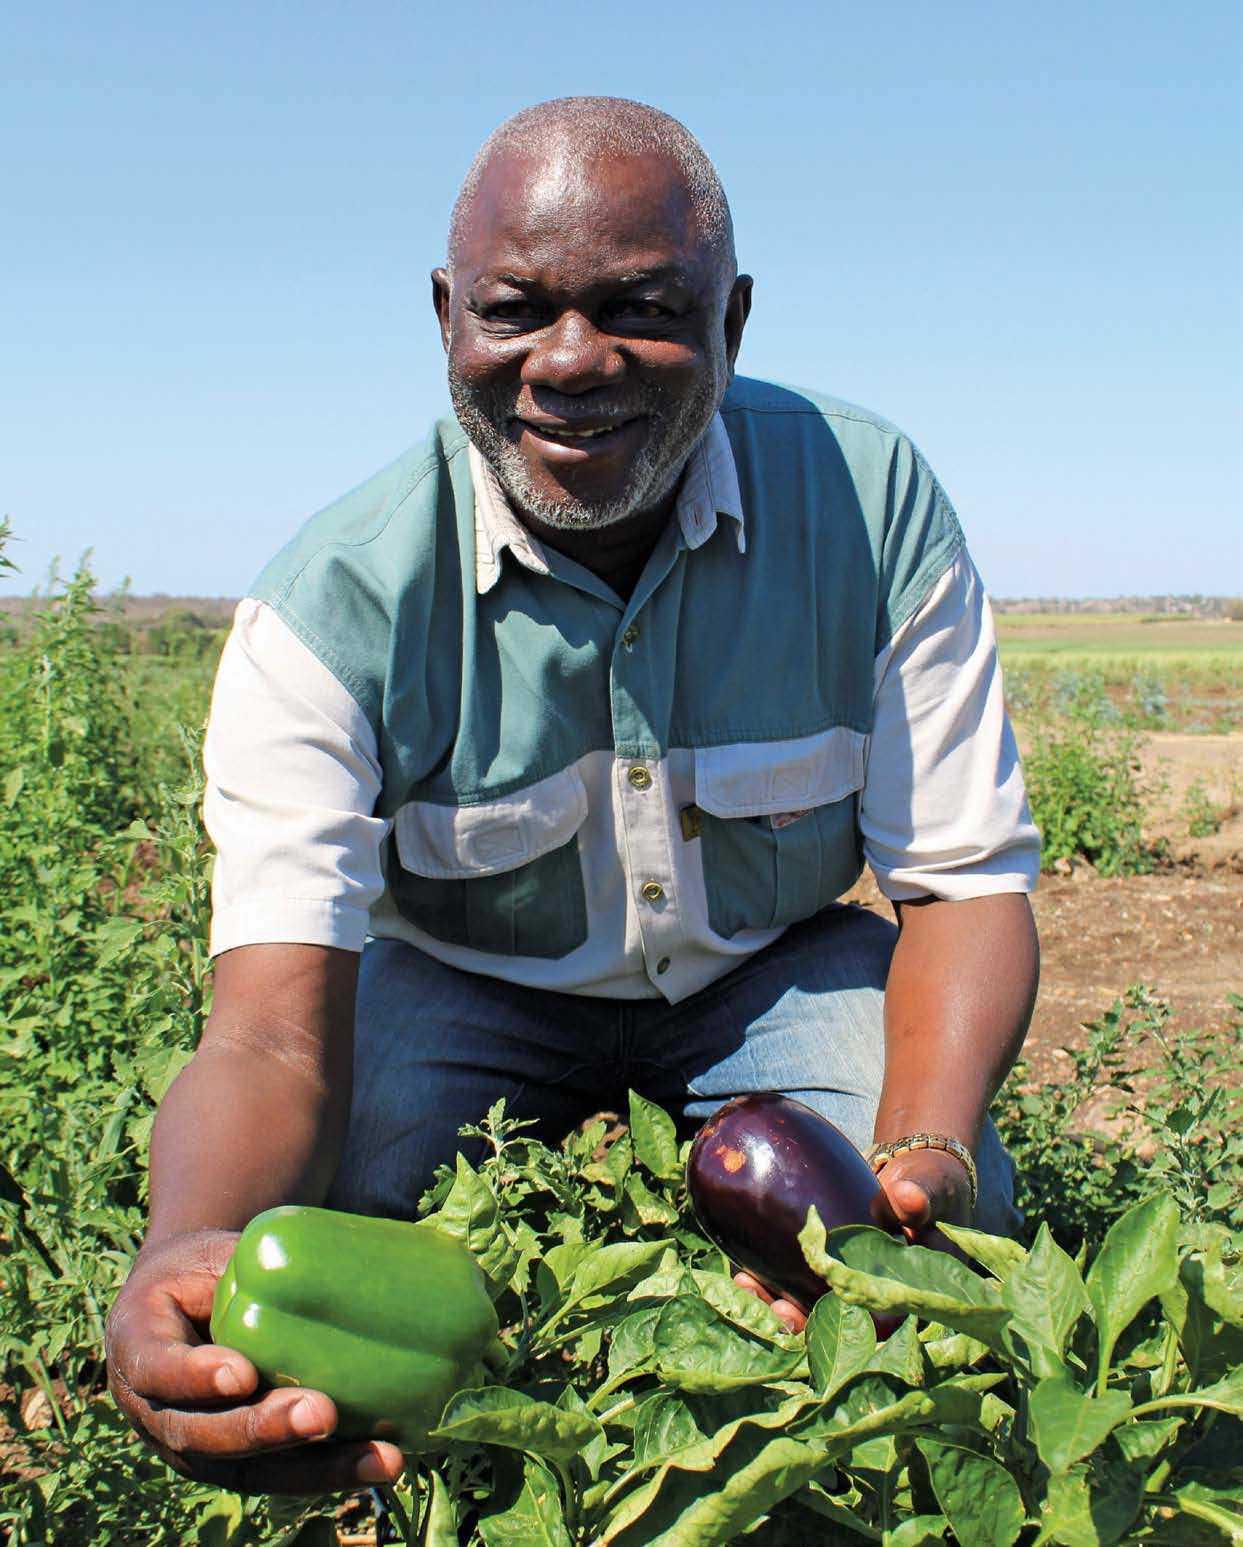 Rewards Elude Farmer Despite Hard Work